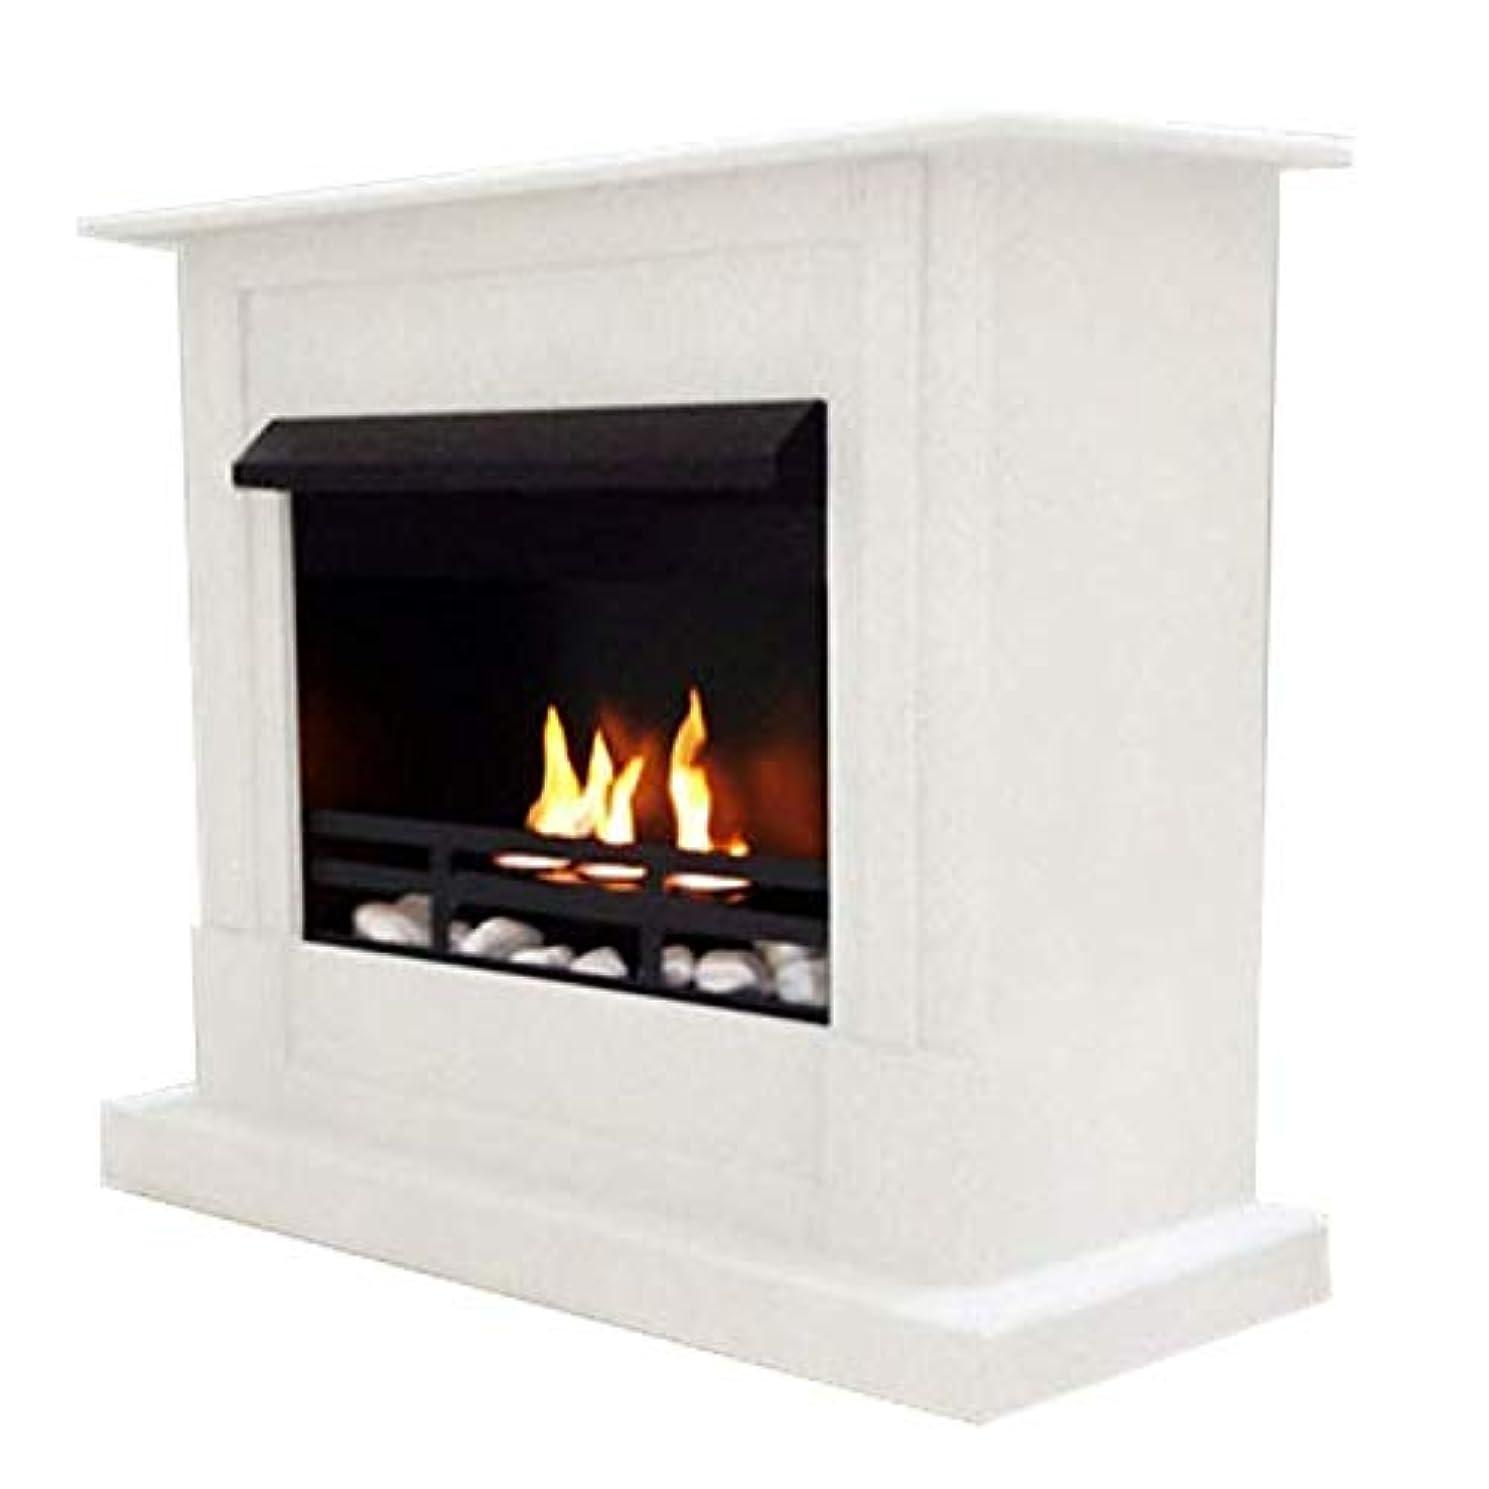 二年生金貸し休みジェル+ ethanol fire-places Emilyデラックスinclusive : 1調節可能なstainless-steel Burner ホワイト 10080